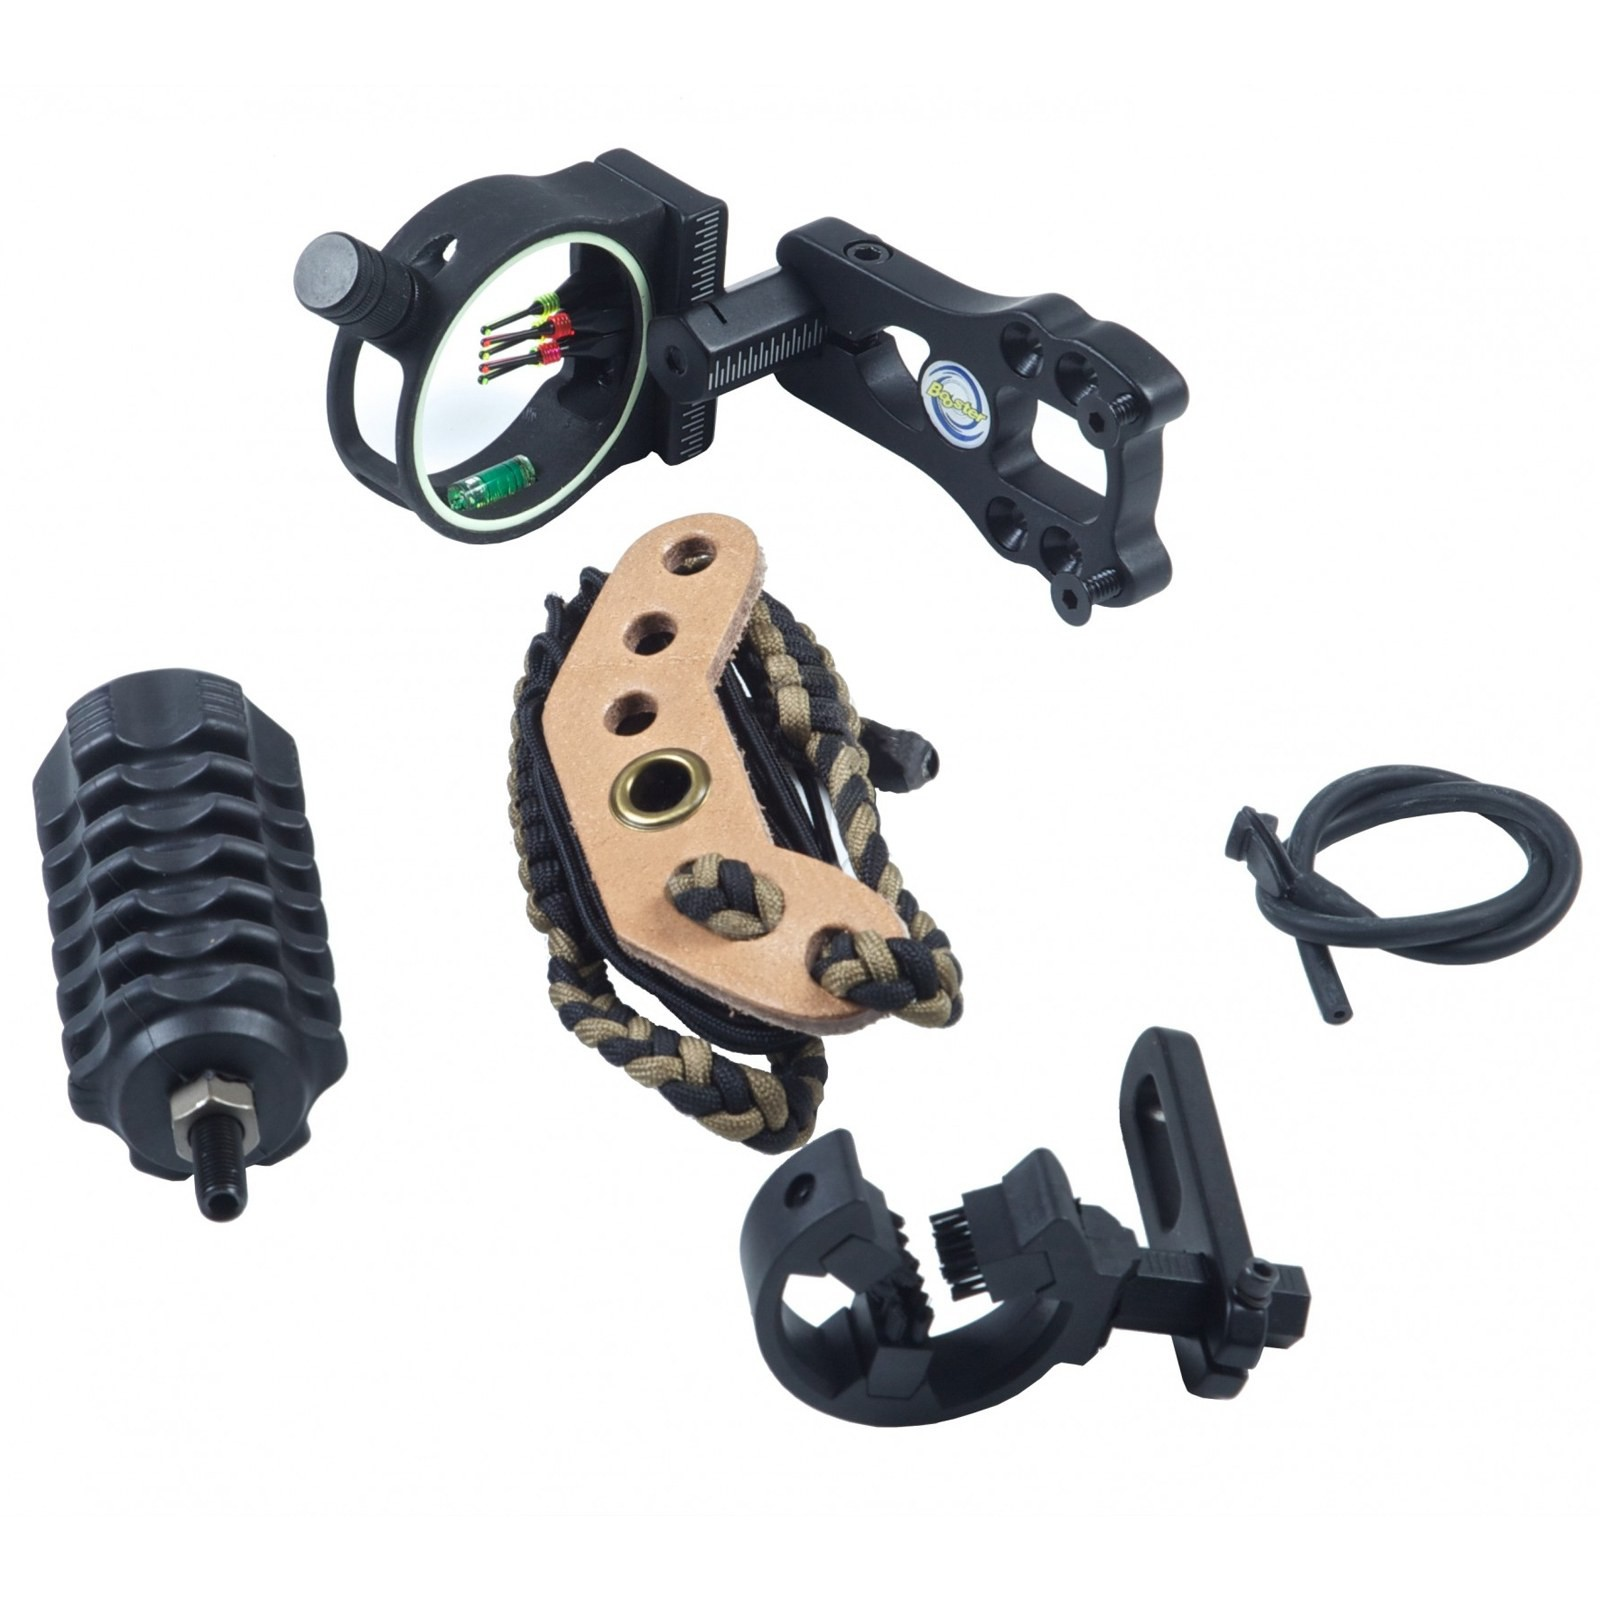 Kit Accessori Compound Caccia Stabilizzatore Mirino Dragona Rest Visette